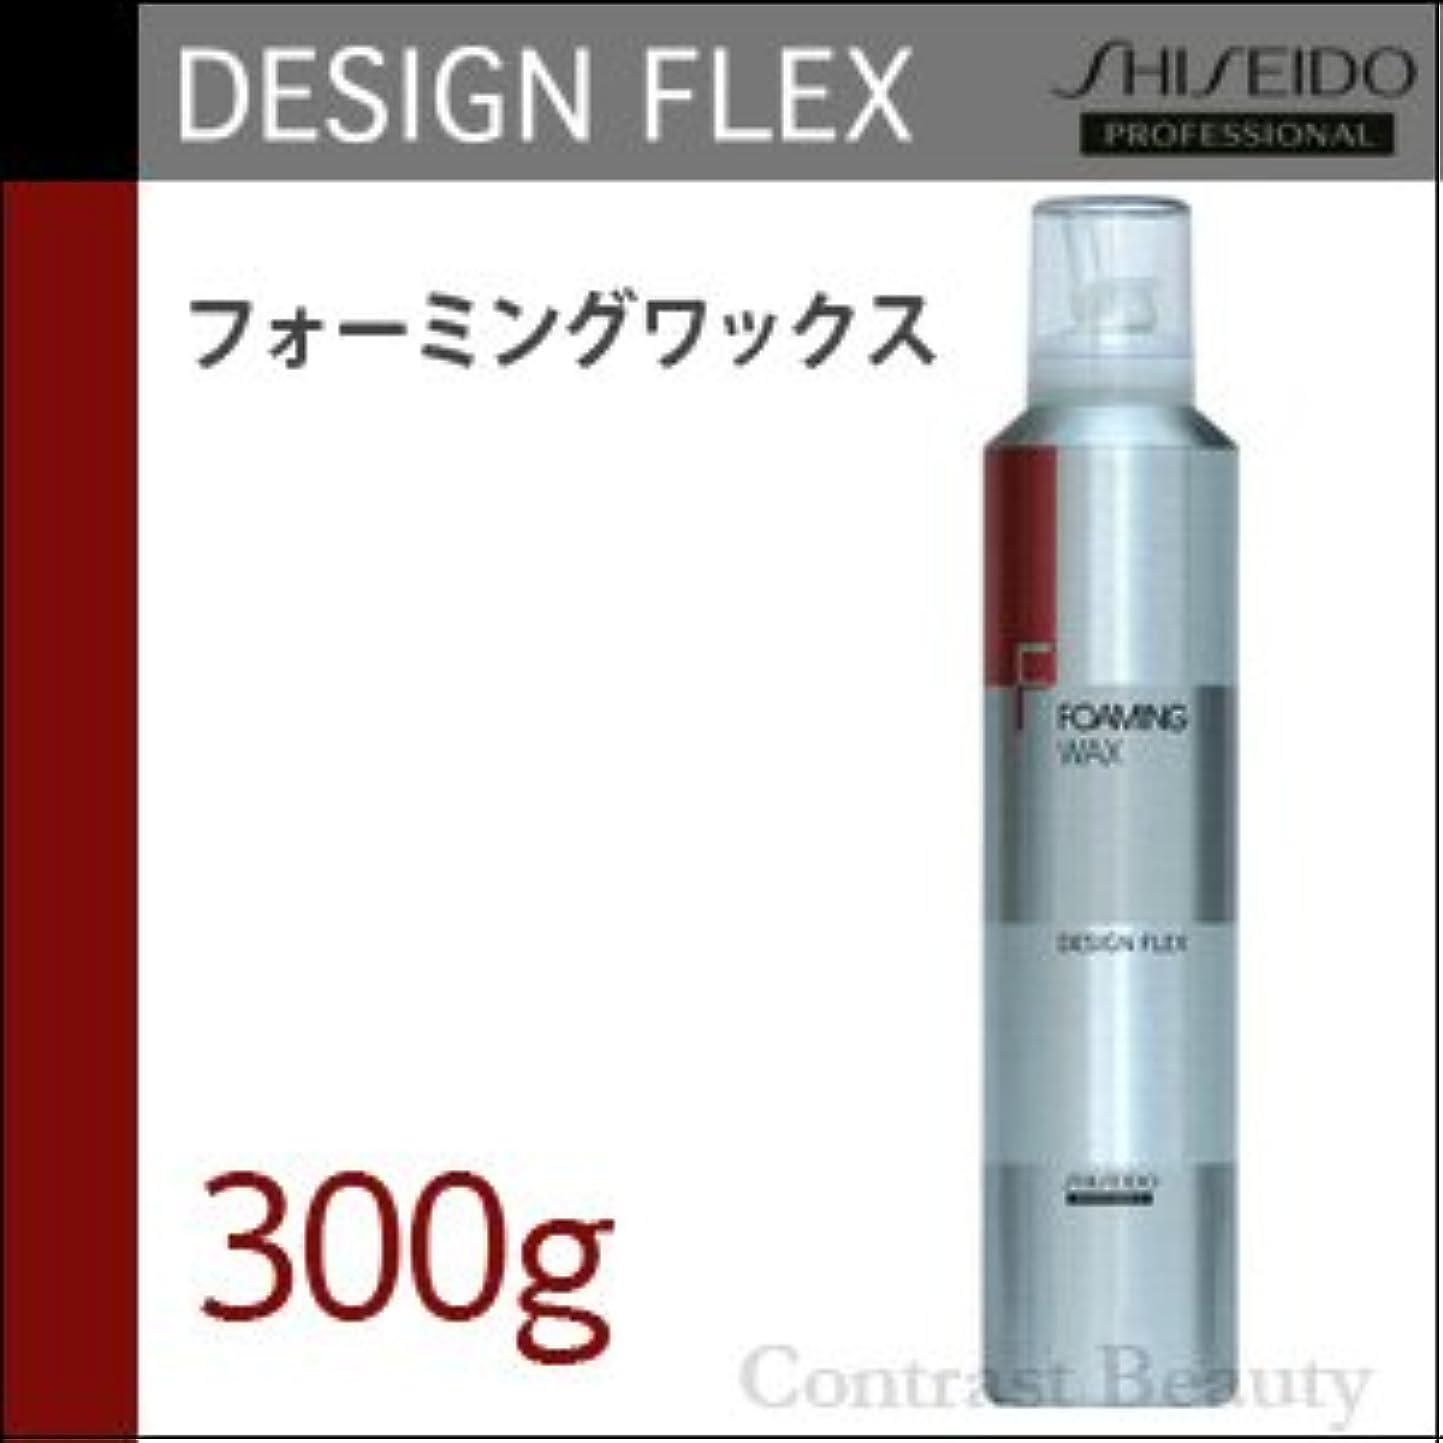 図ゴム方向【x2個セット】 資生堂 デザインフレックス フォーミングワックス 300g